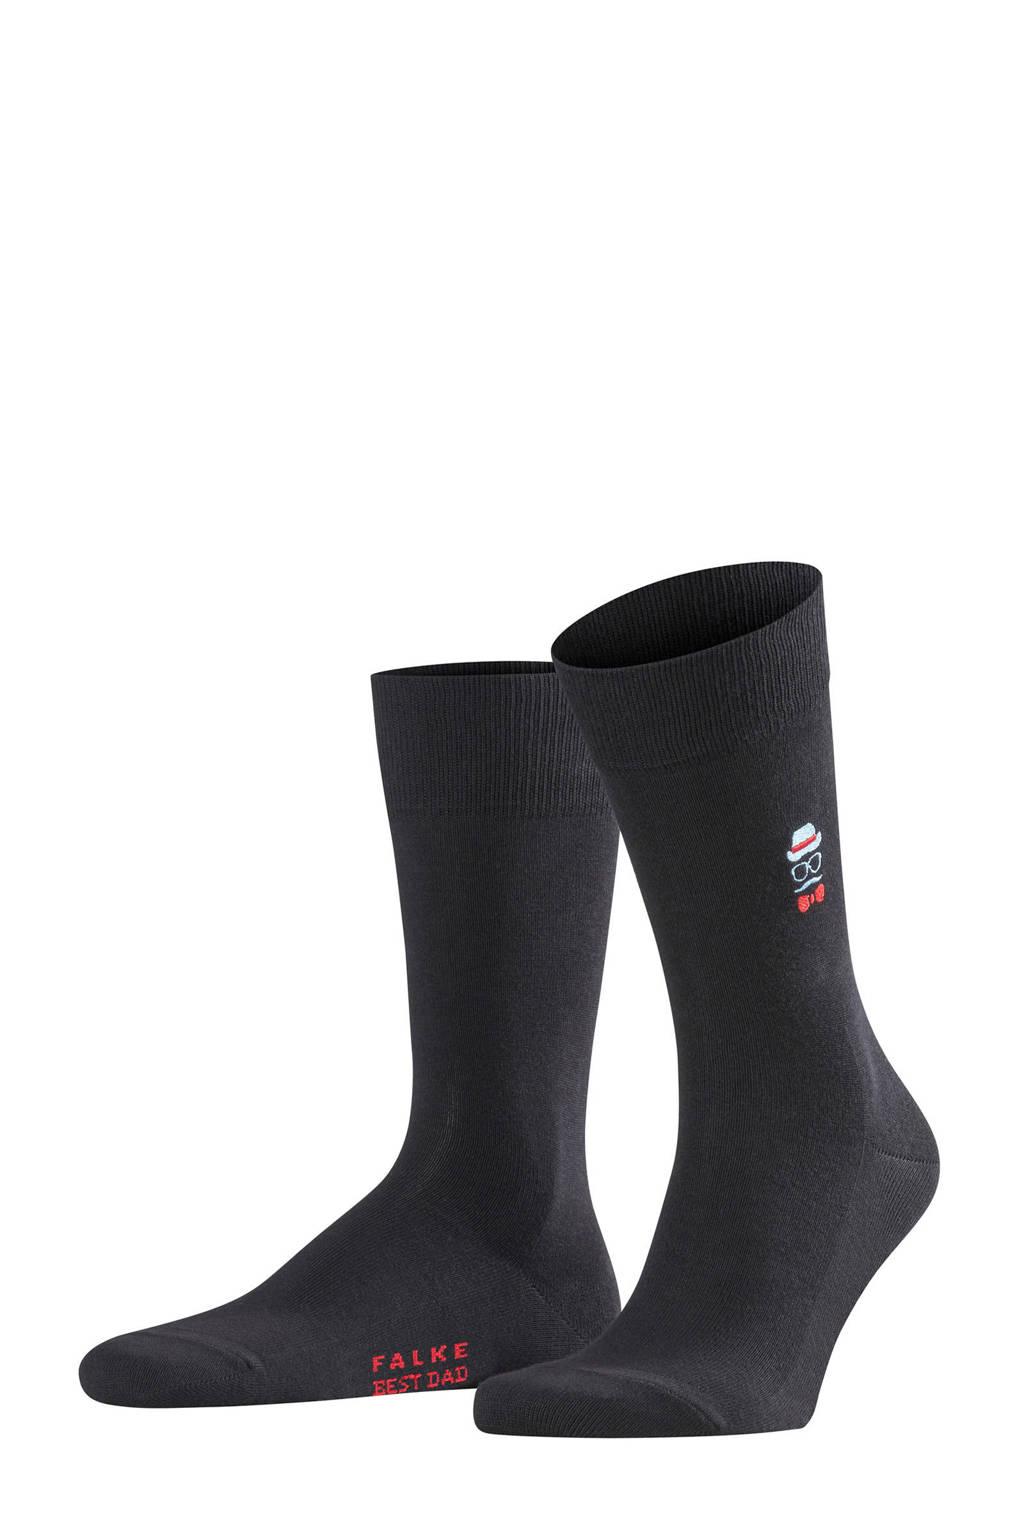 FALKE sokken Best dad zwart, Zwart